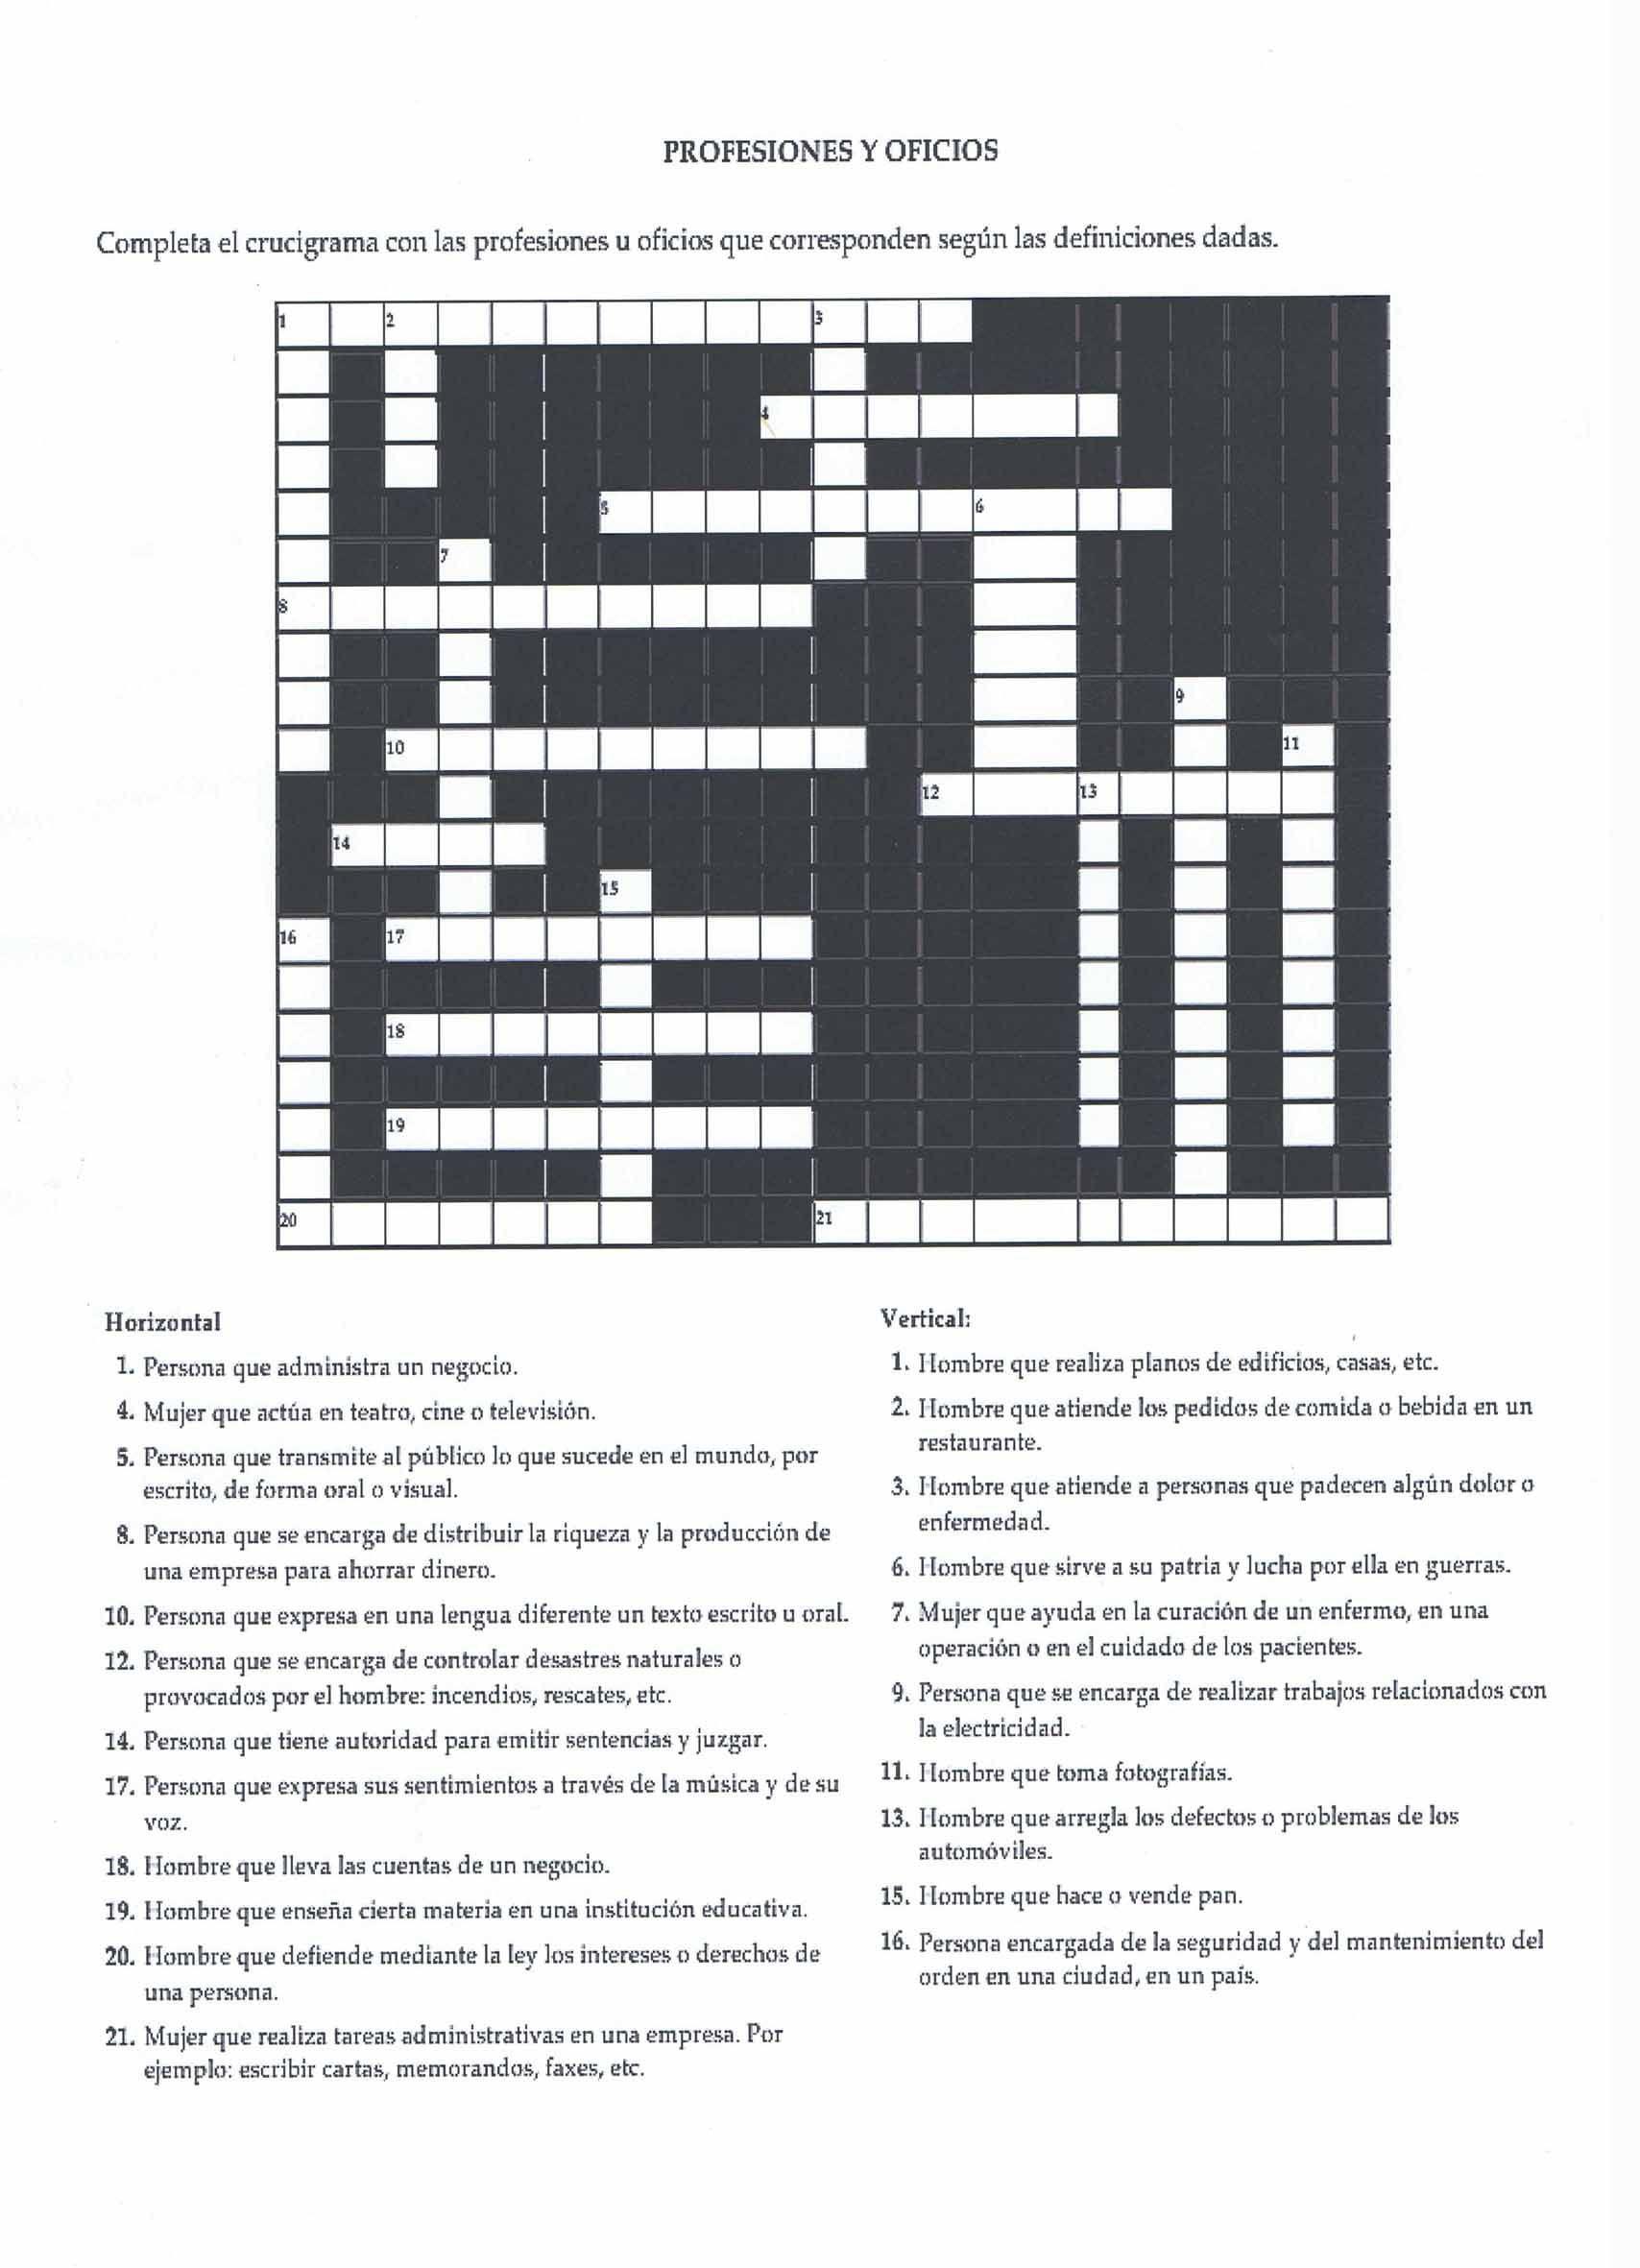 Profesiones Y Oficios Crossword All In Spanish